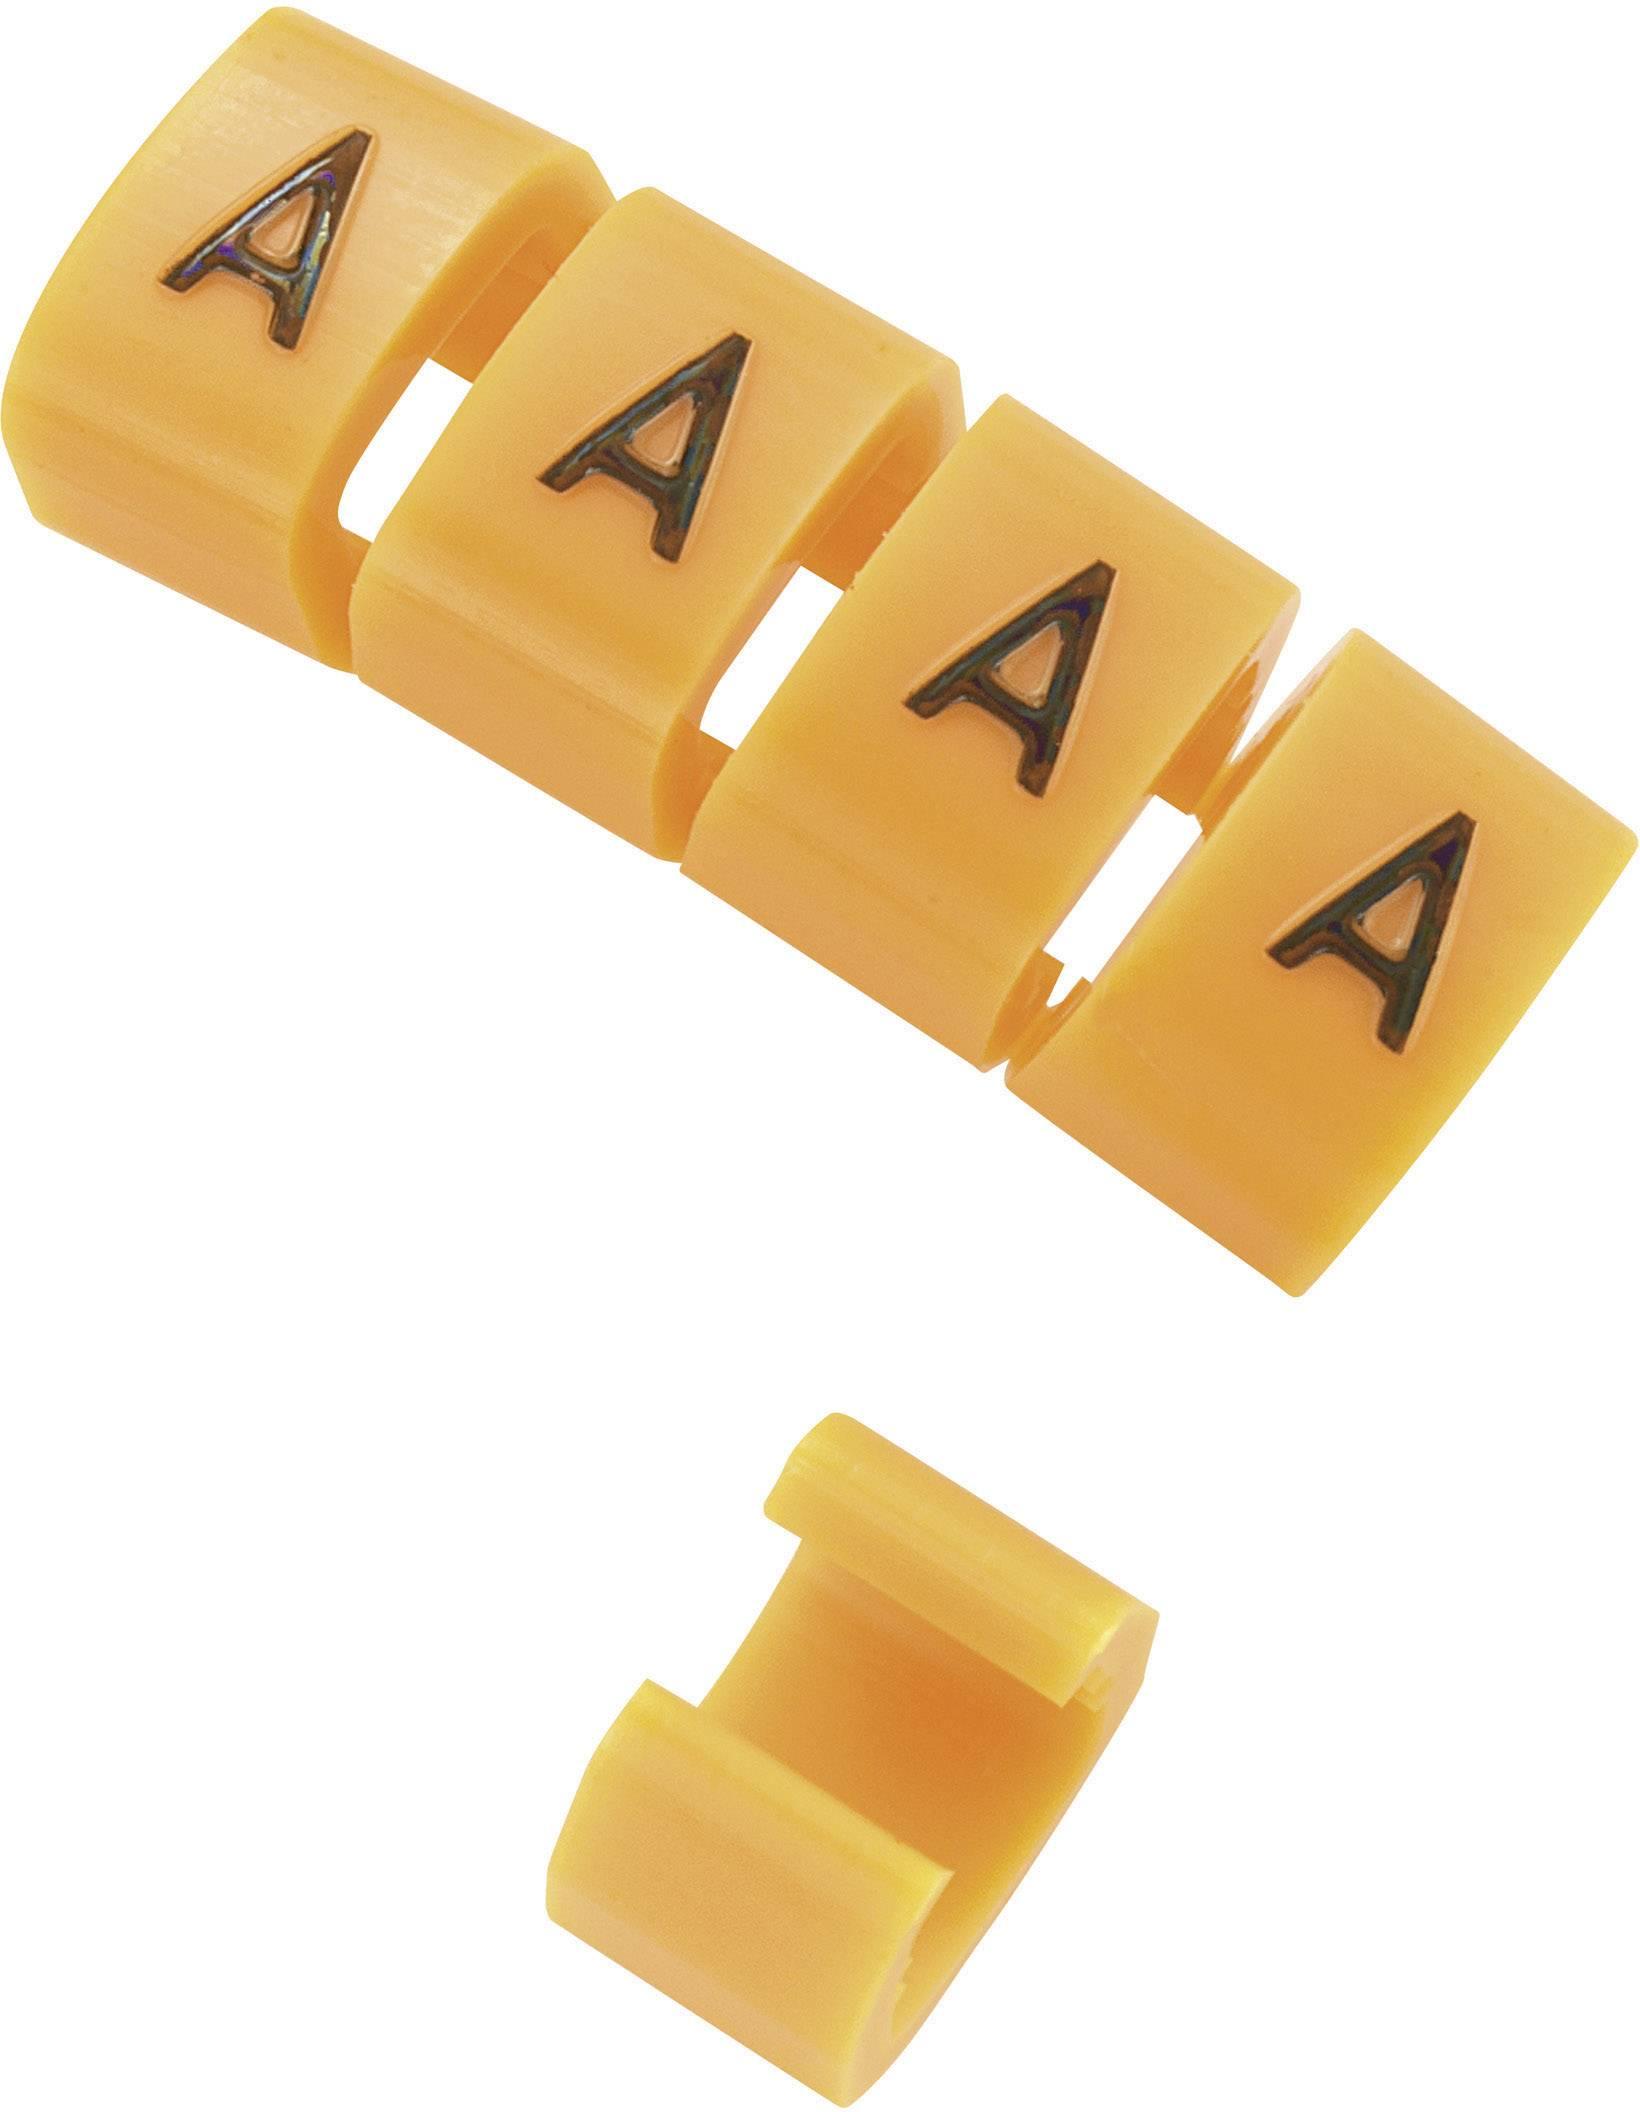 Označovacie objímka na káble KSS MB2/A, oranžová, 10 ks